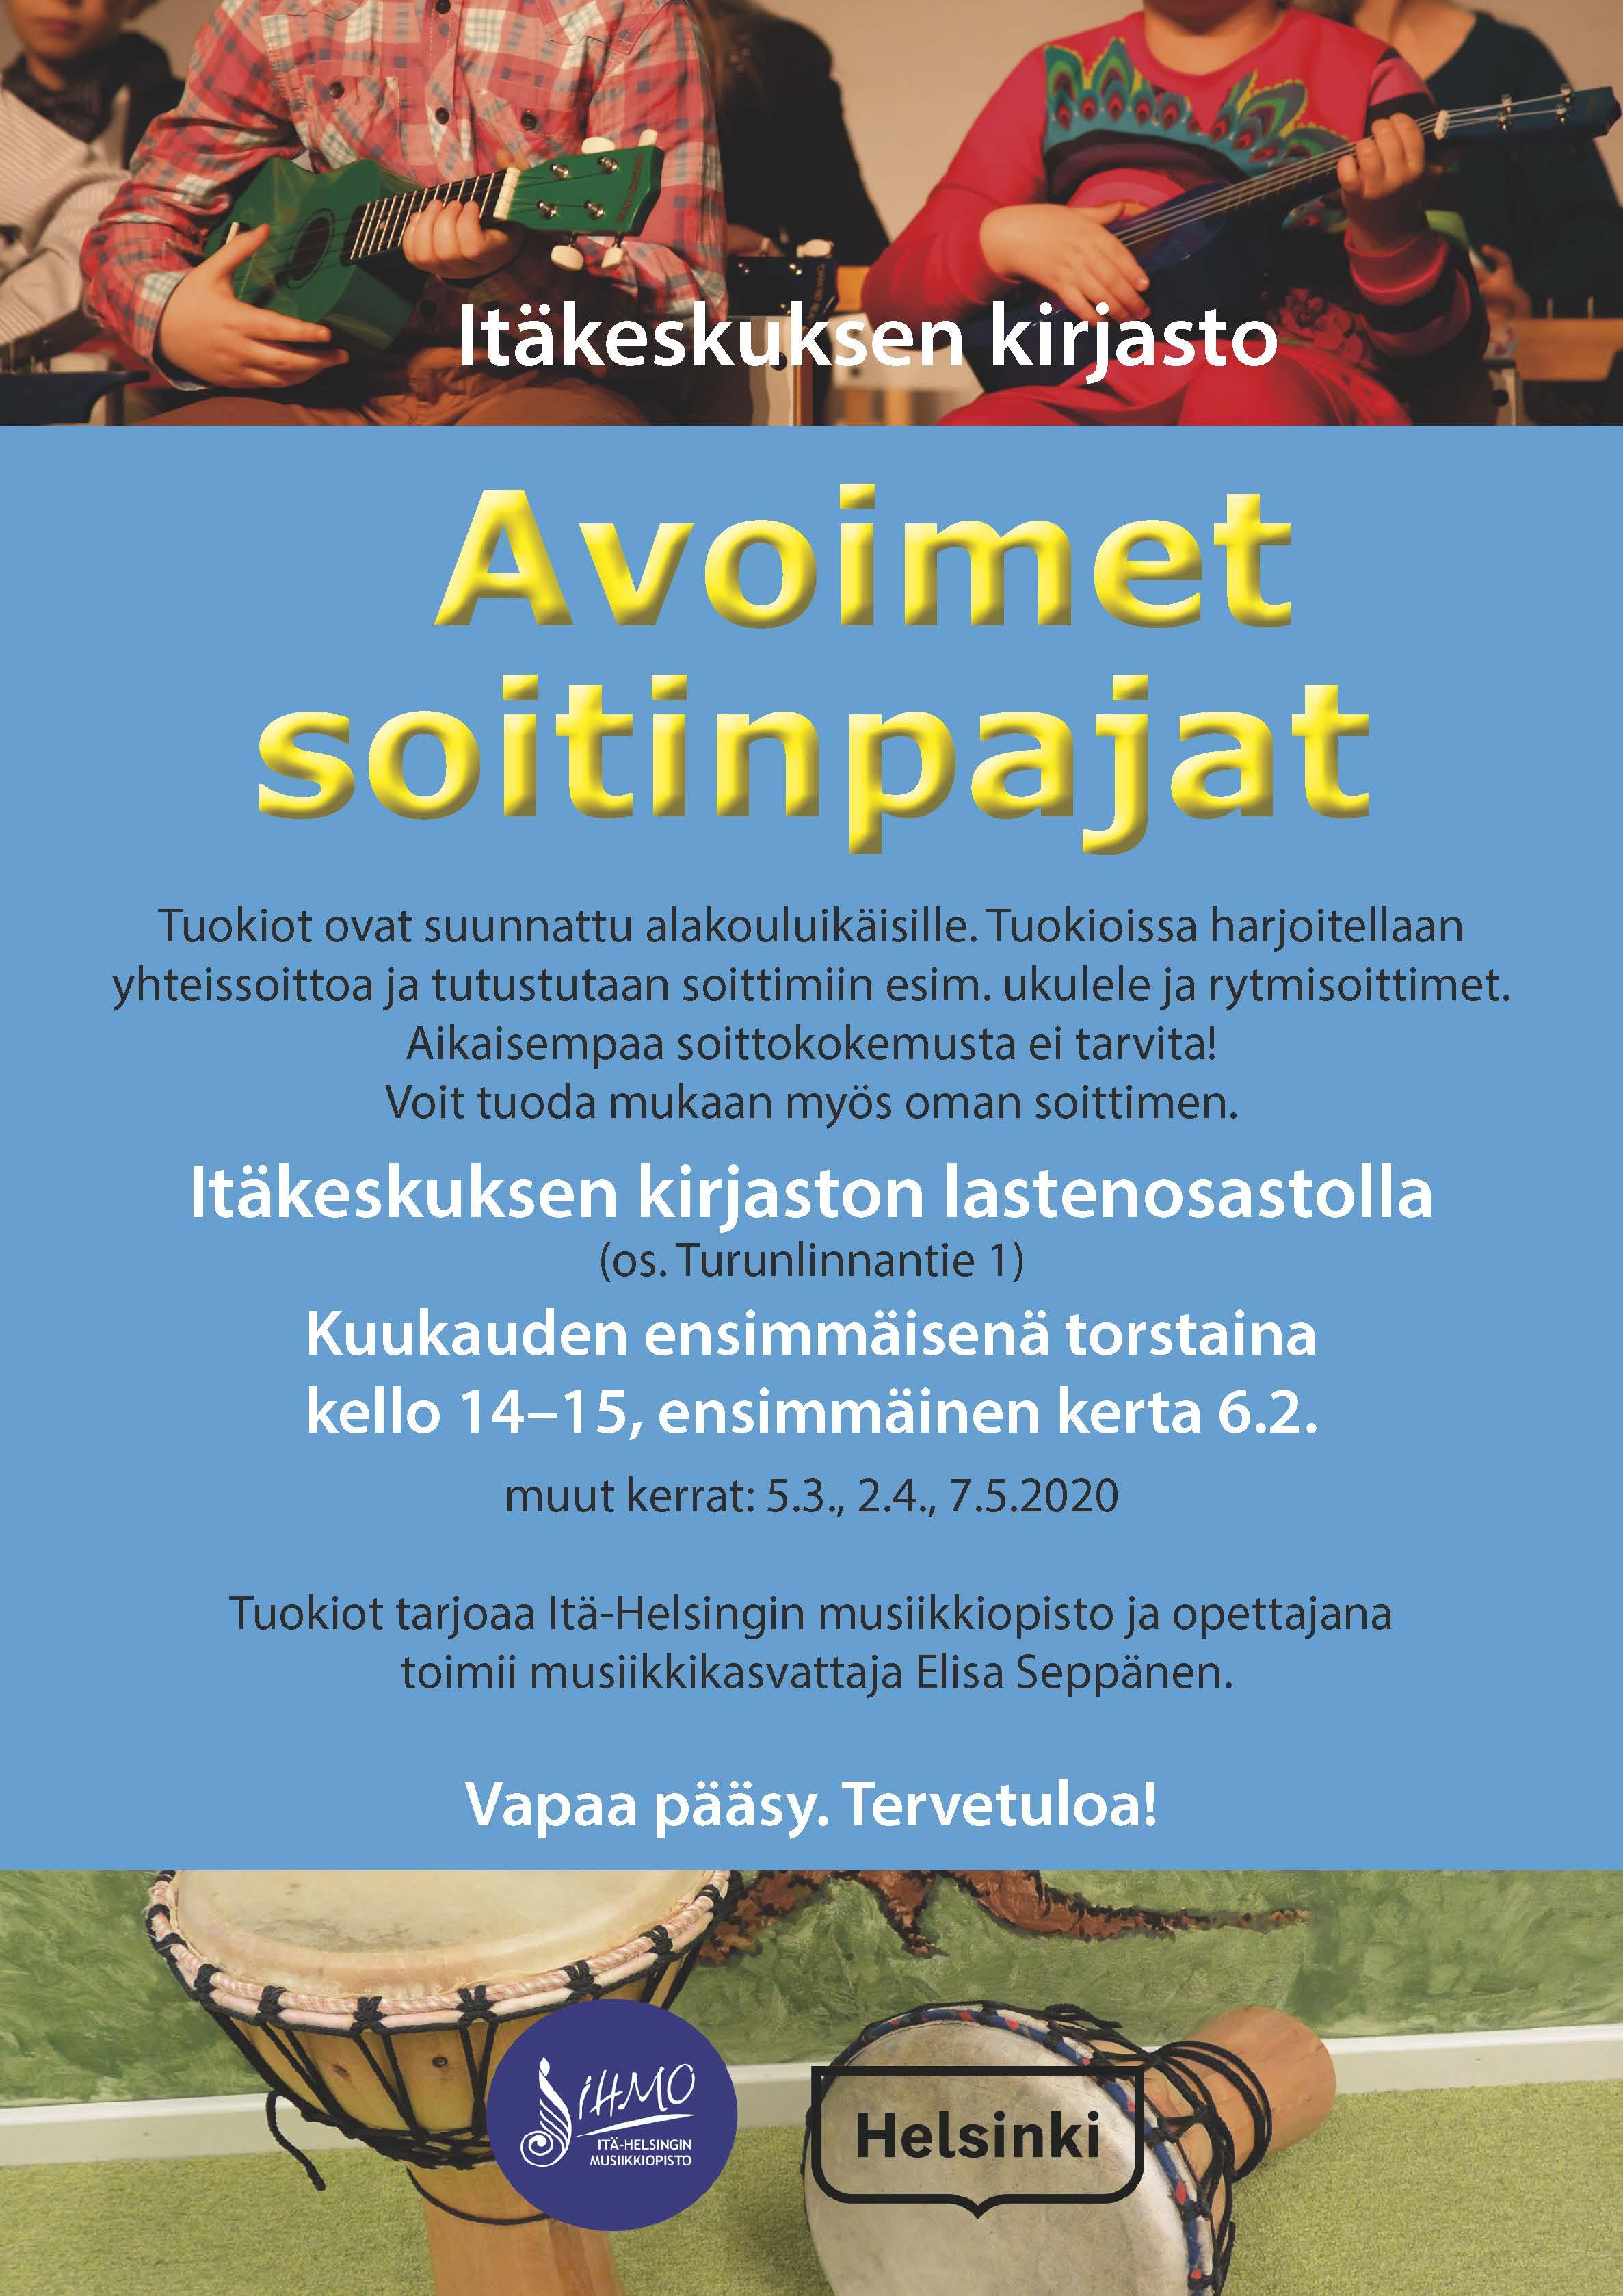 680060825-Musiikkituokio_Itäkeskuksen_kirjastoK2020.jpg